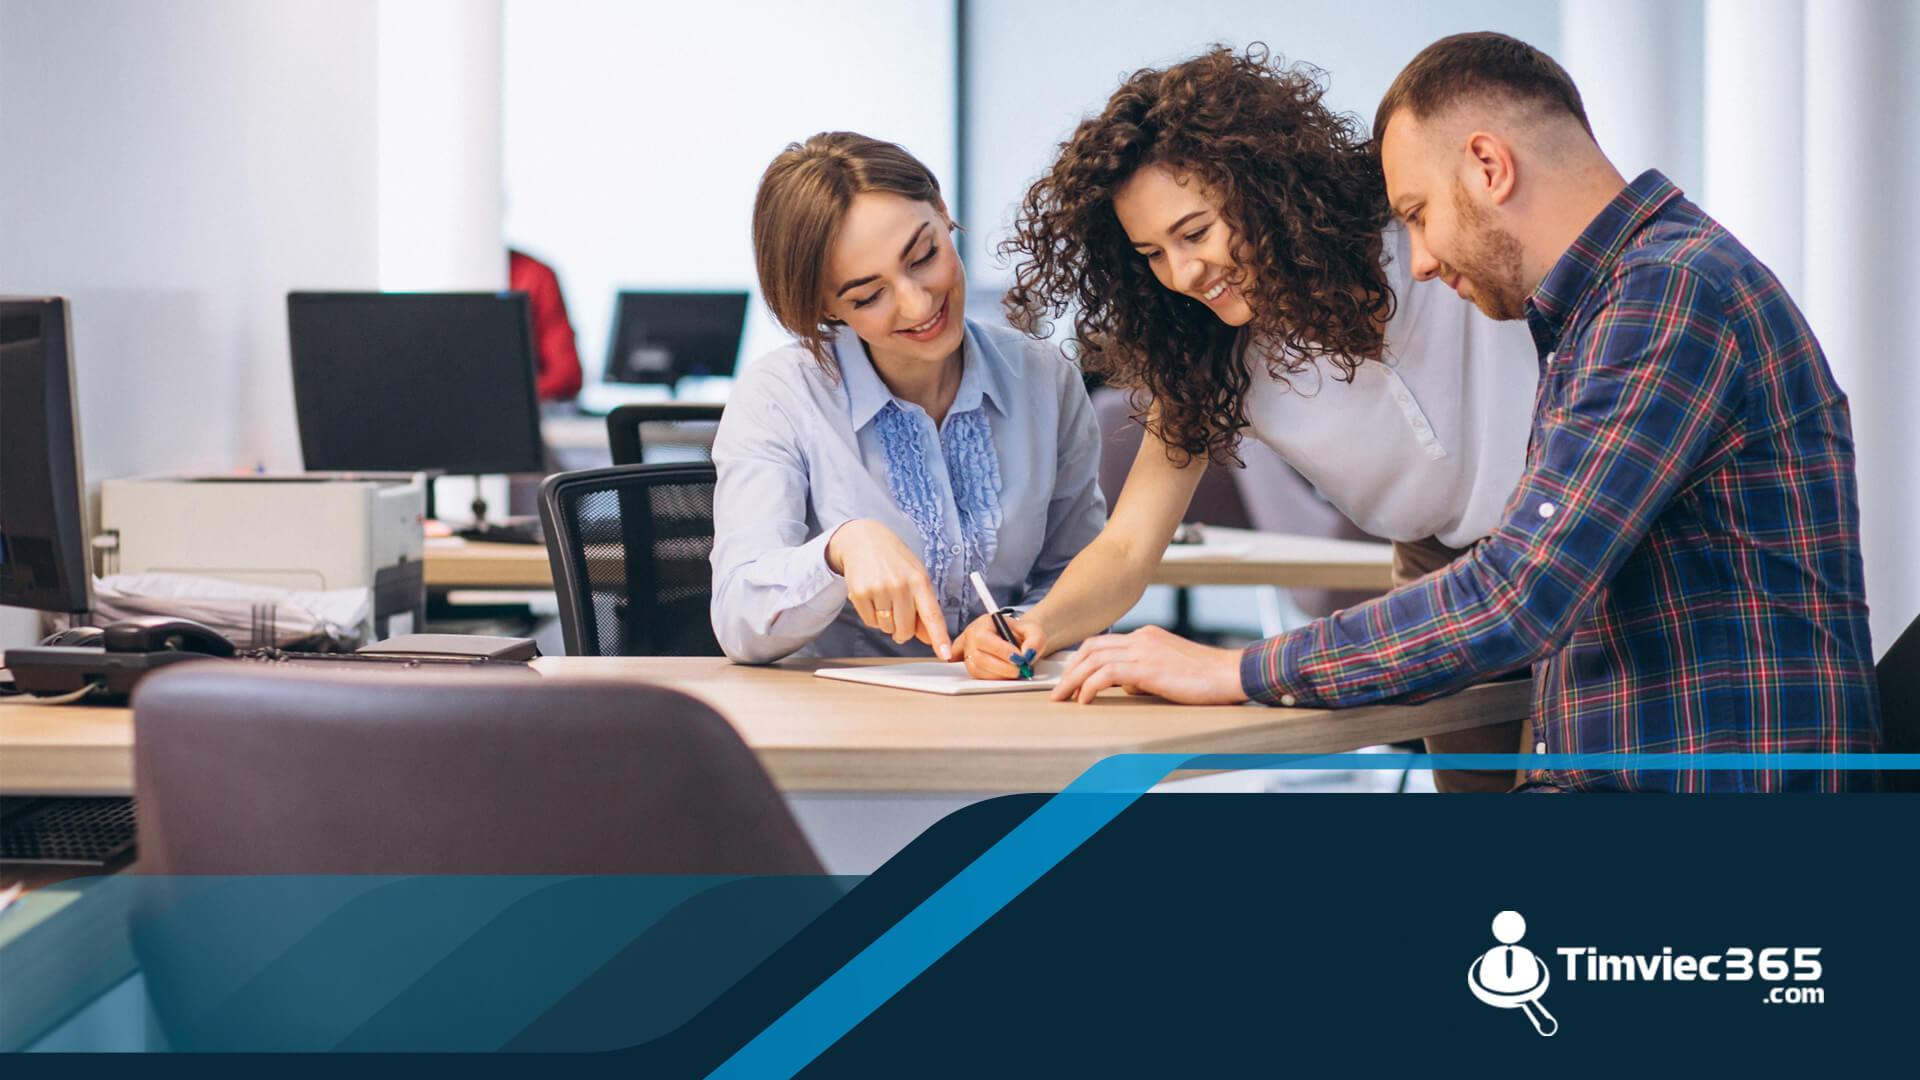 Kinh nghiệm làm quản lý nhân sự với chiến lược giữ chân nhân viên